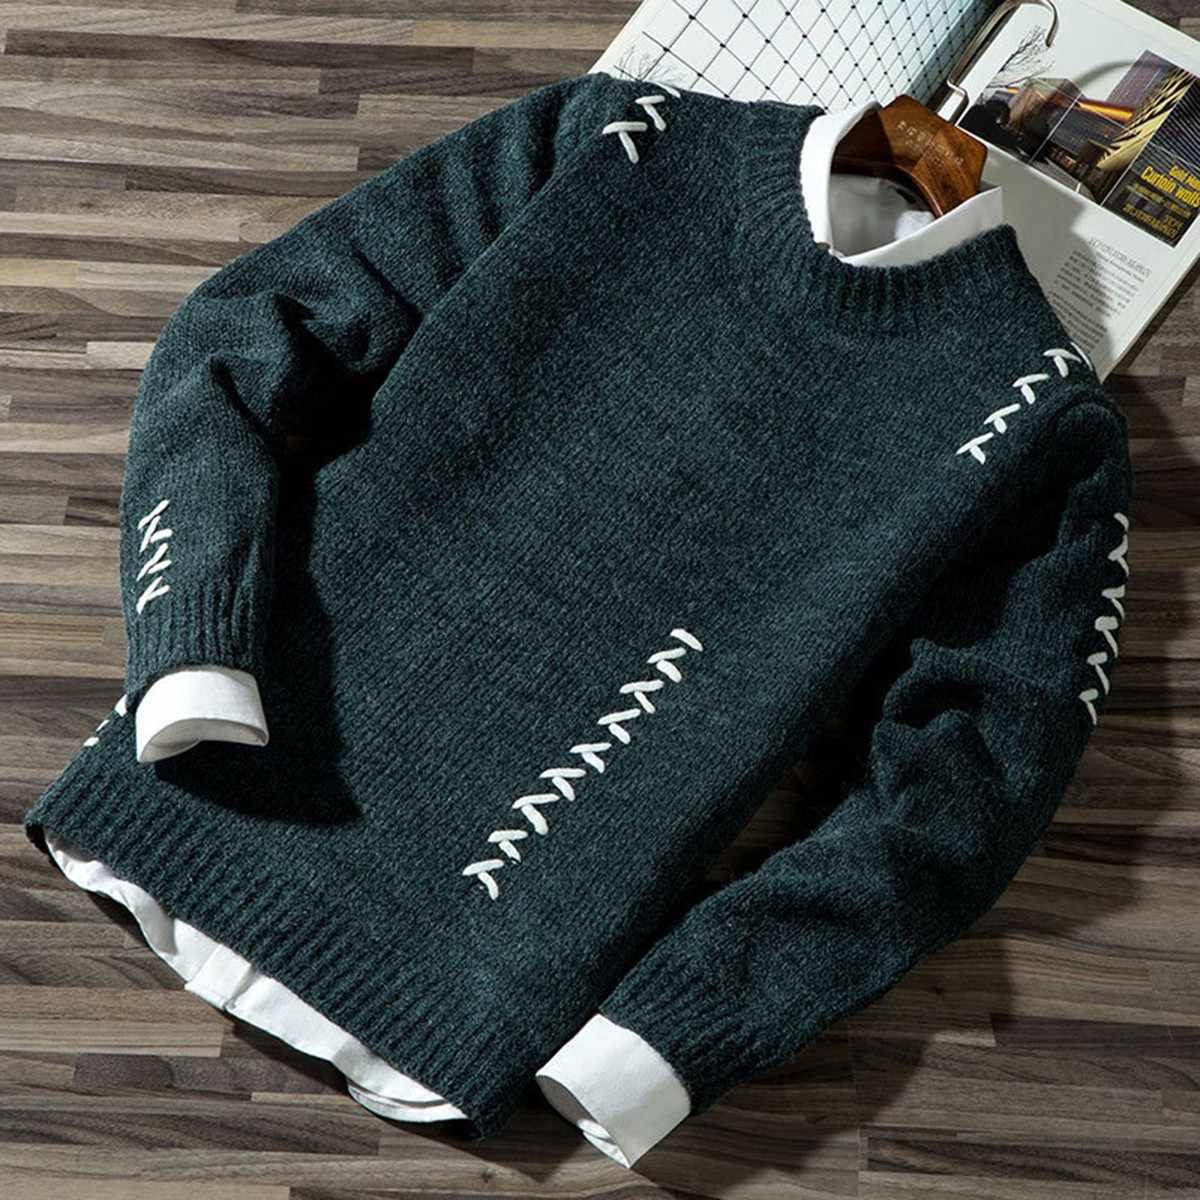 2020 남자 캐주얼 가을 패션 캐주얼 스트립 컬러 블록 니트 점퍼 풀오버 스웨터 판매 소재 코튼 남성 스웨터